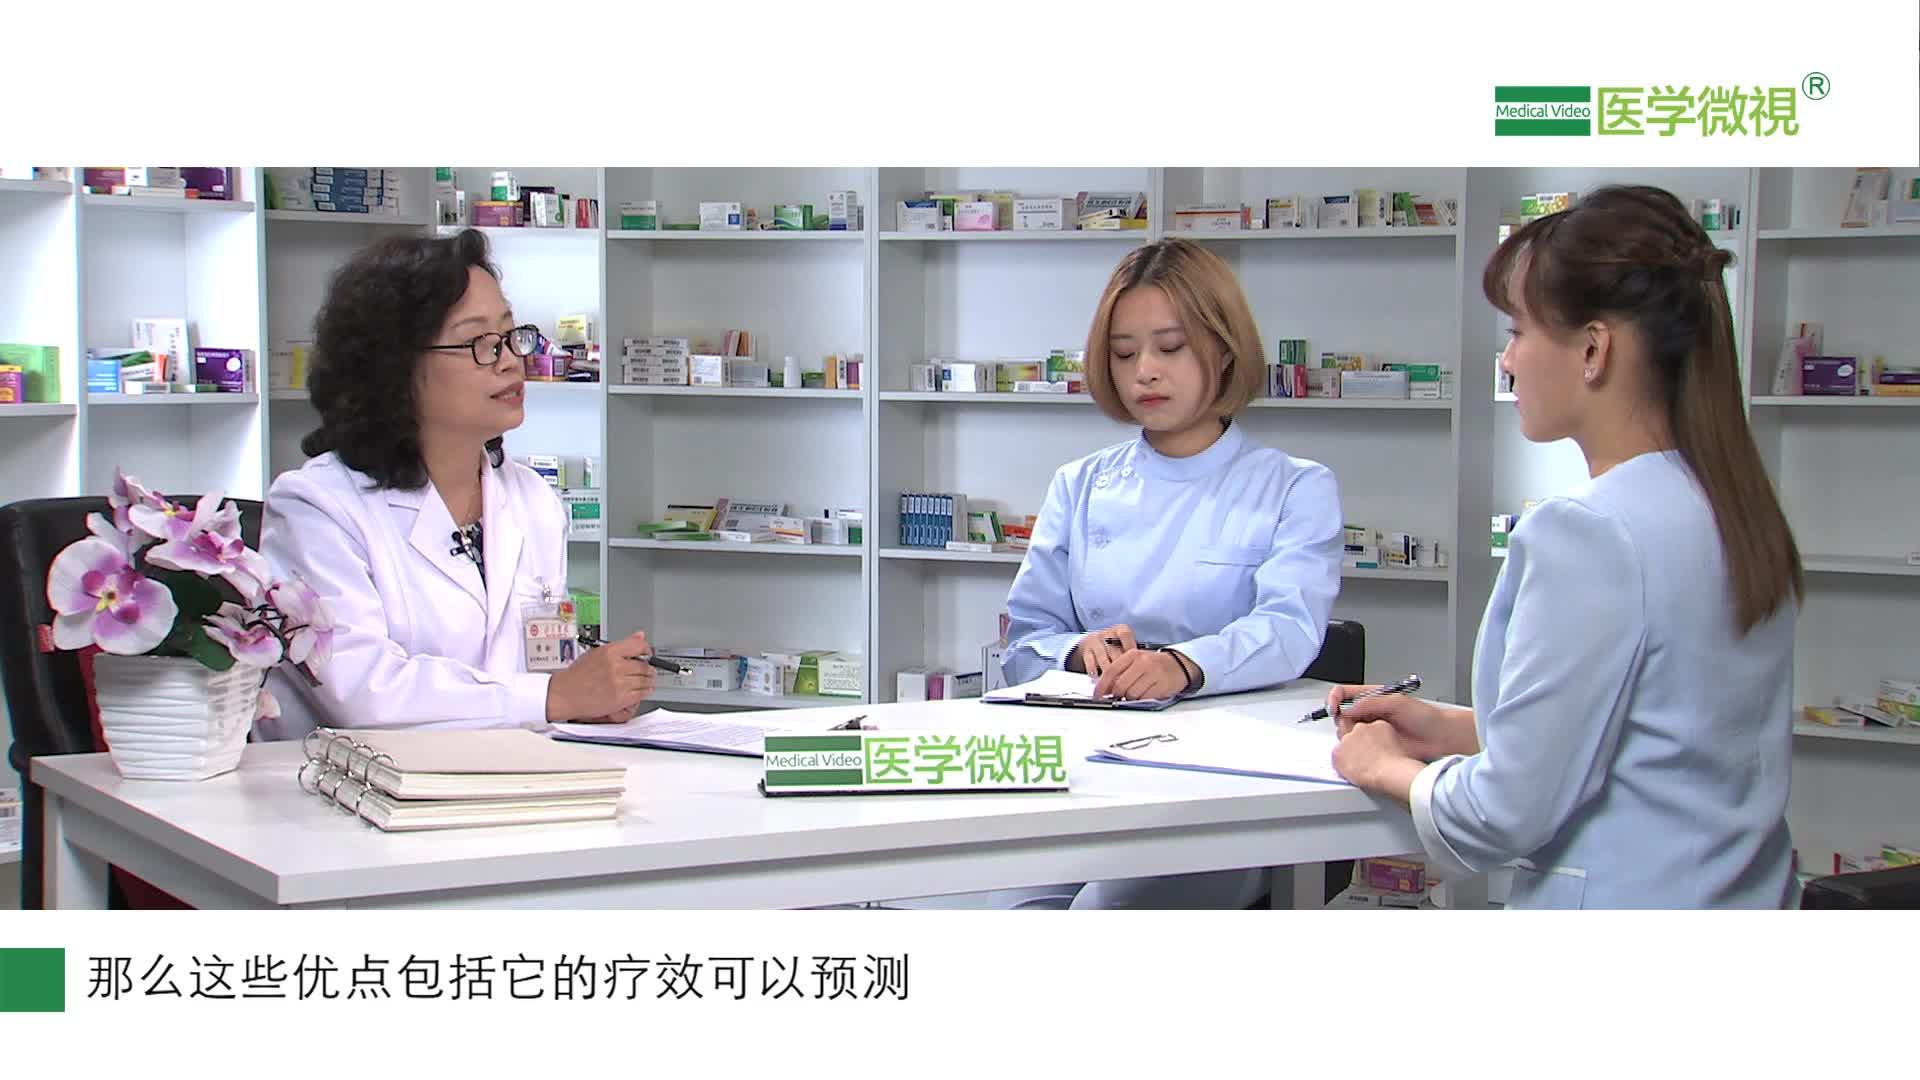 达比加群酯抗凝的效果怎么样?和华法林有什么区别?医保报销吗?